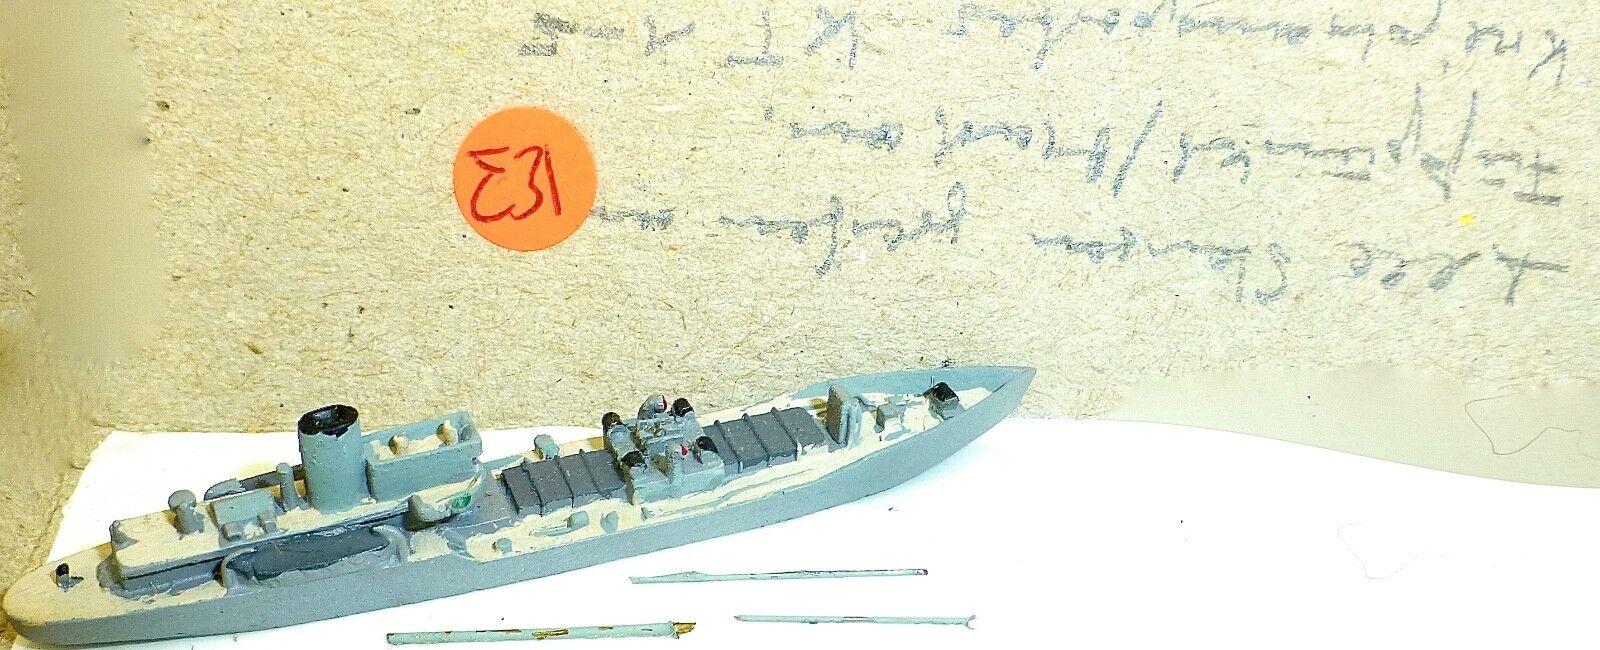 Kt 1-54 M196 Modello Barca 1 1250 Shp ∑ 31 Å